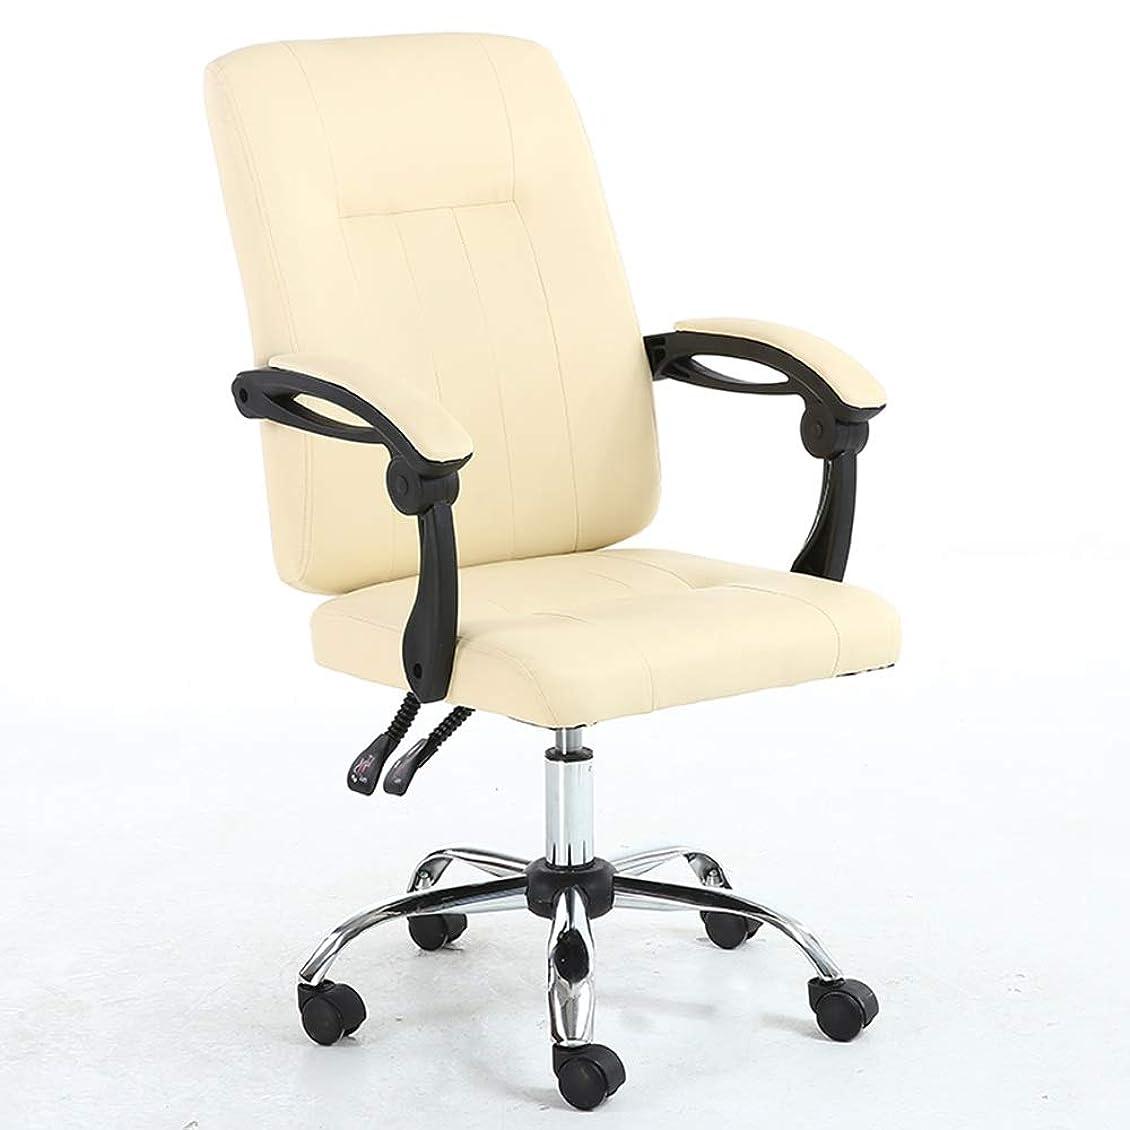 複雑三角形同化XRXY 事務用椅子、 コンピュータチェア - と一緒にオフィスホームスチューデントボウシート用リクライニングチェアを回転させて持ち上げることができます タスクチェア (Color : Off white)